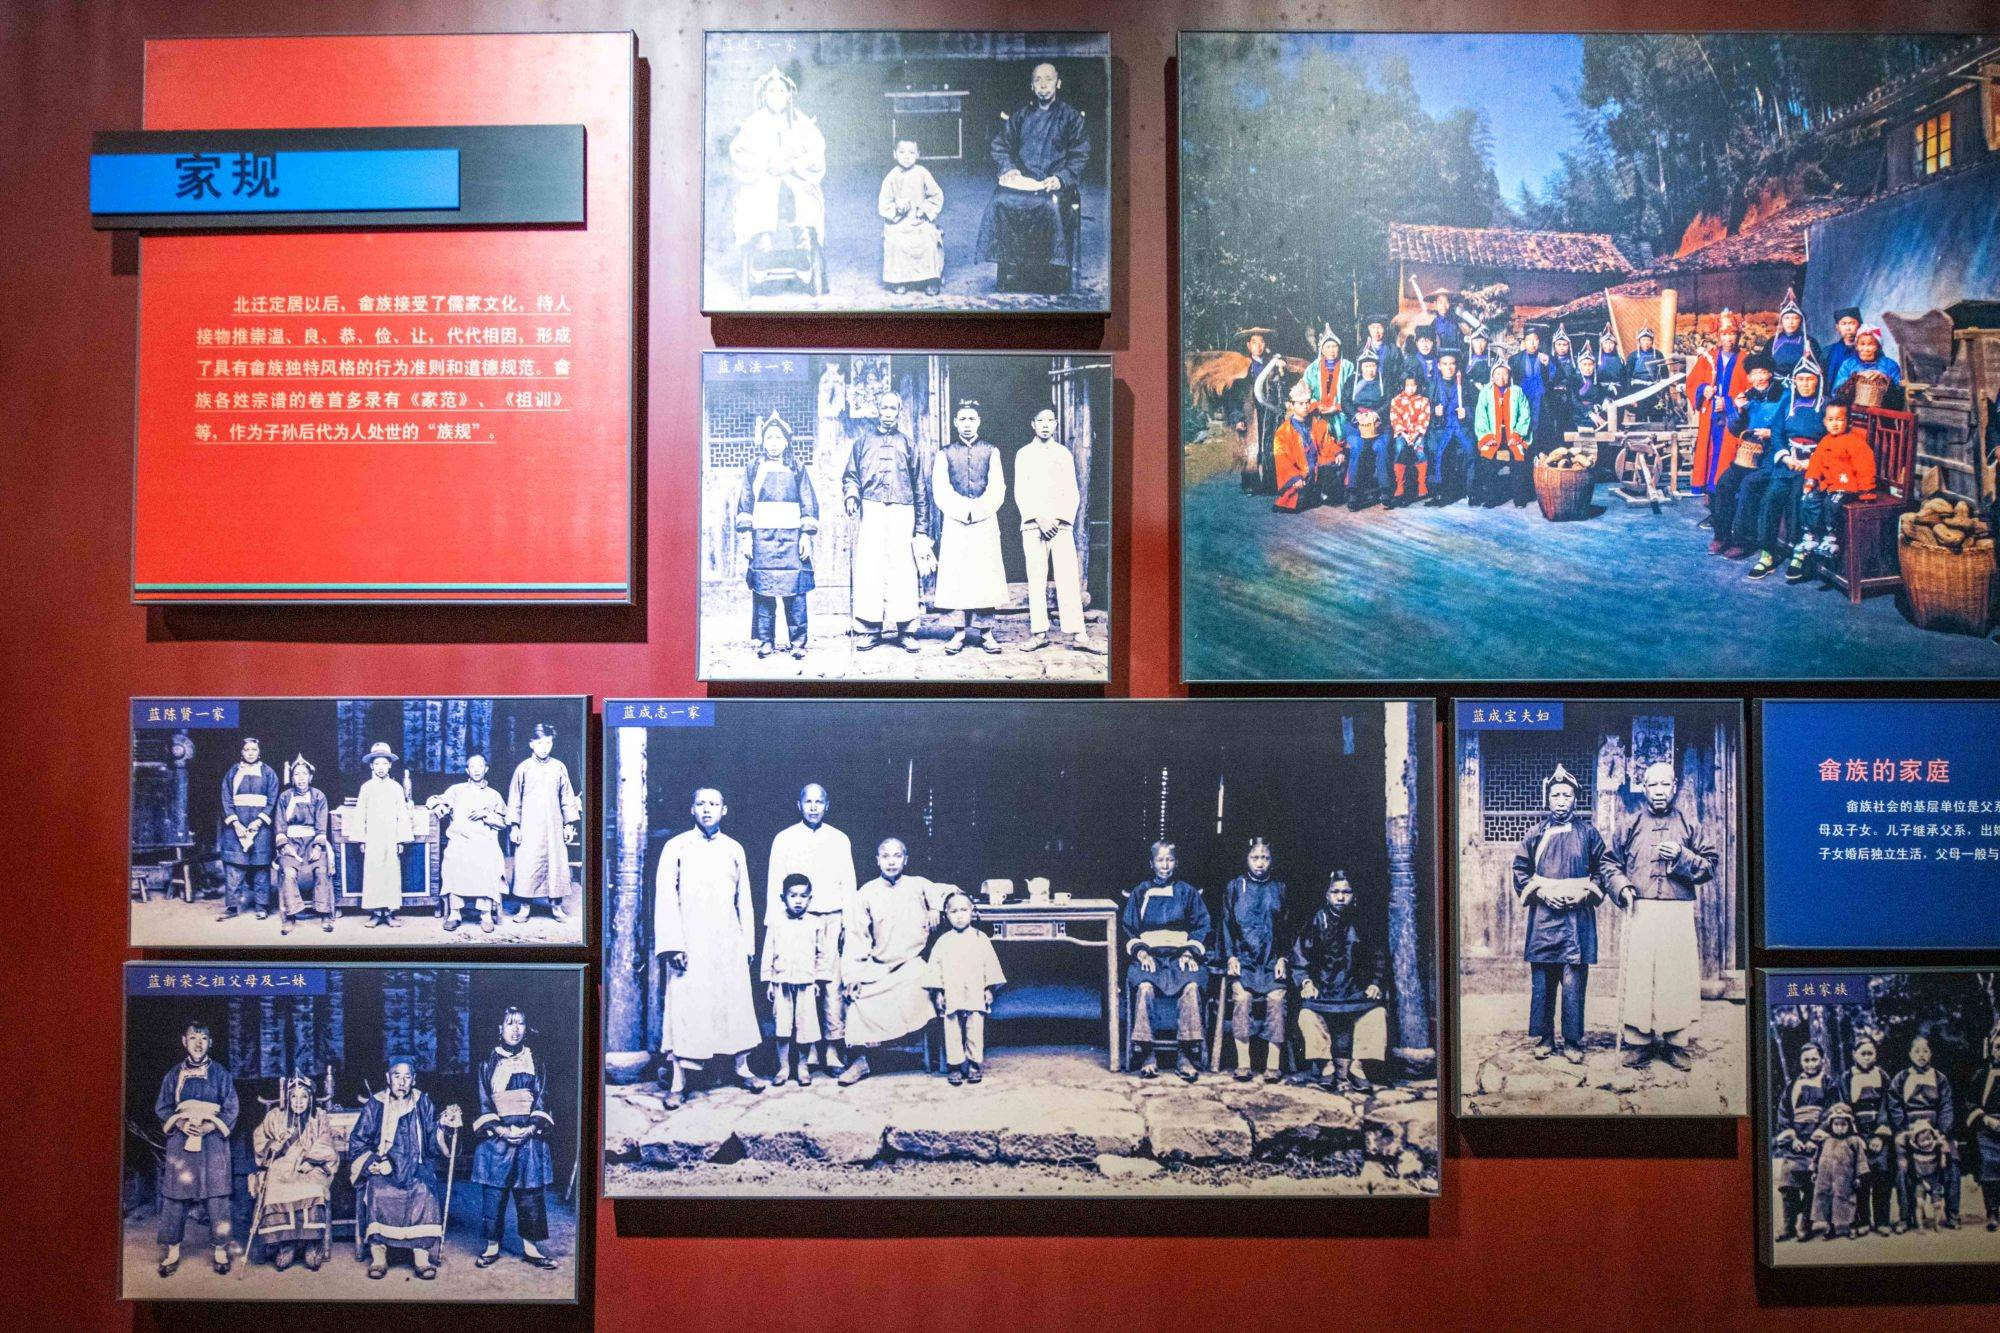 我国唯一的畲族自治县,当地博物馆能看到畲族传奇历史,你想去吗